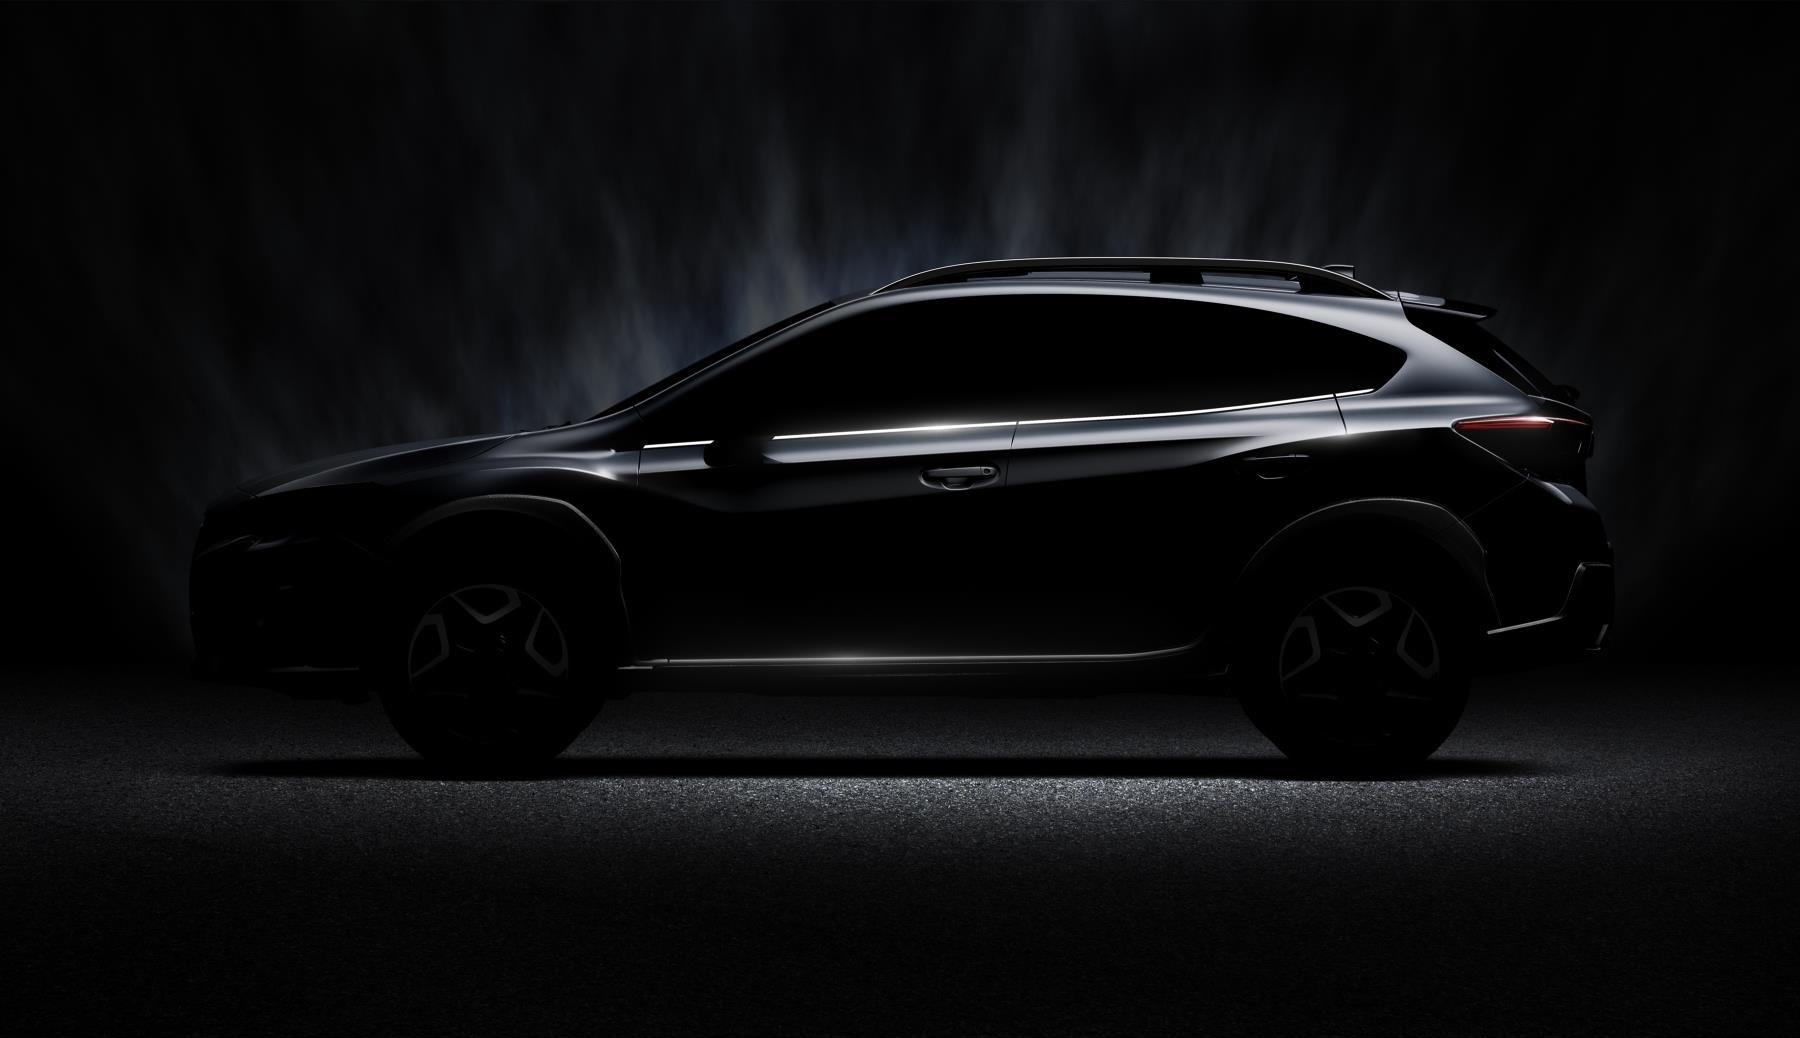 斯巴鲁将2018年推出旗下混动车型/纯电动汽车2021年亮相